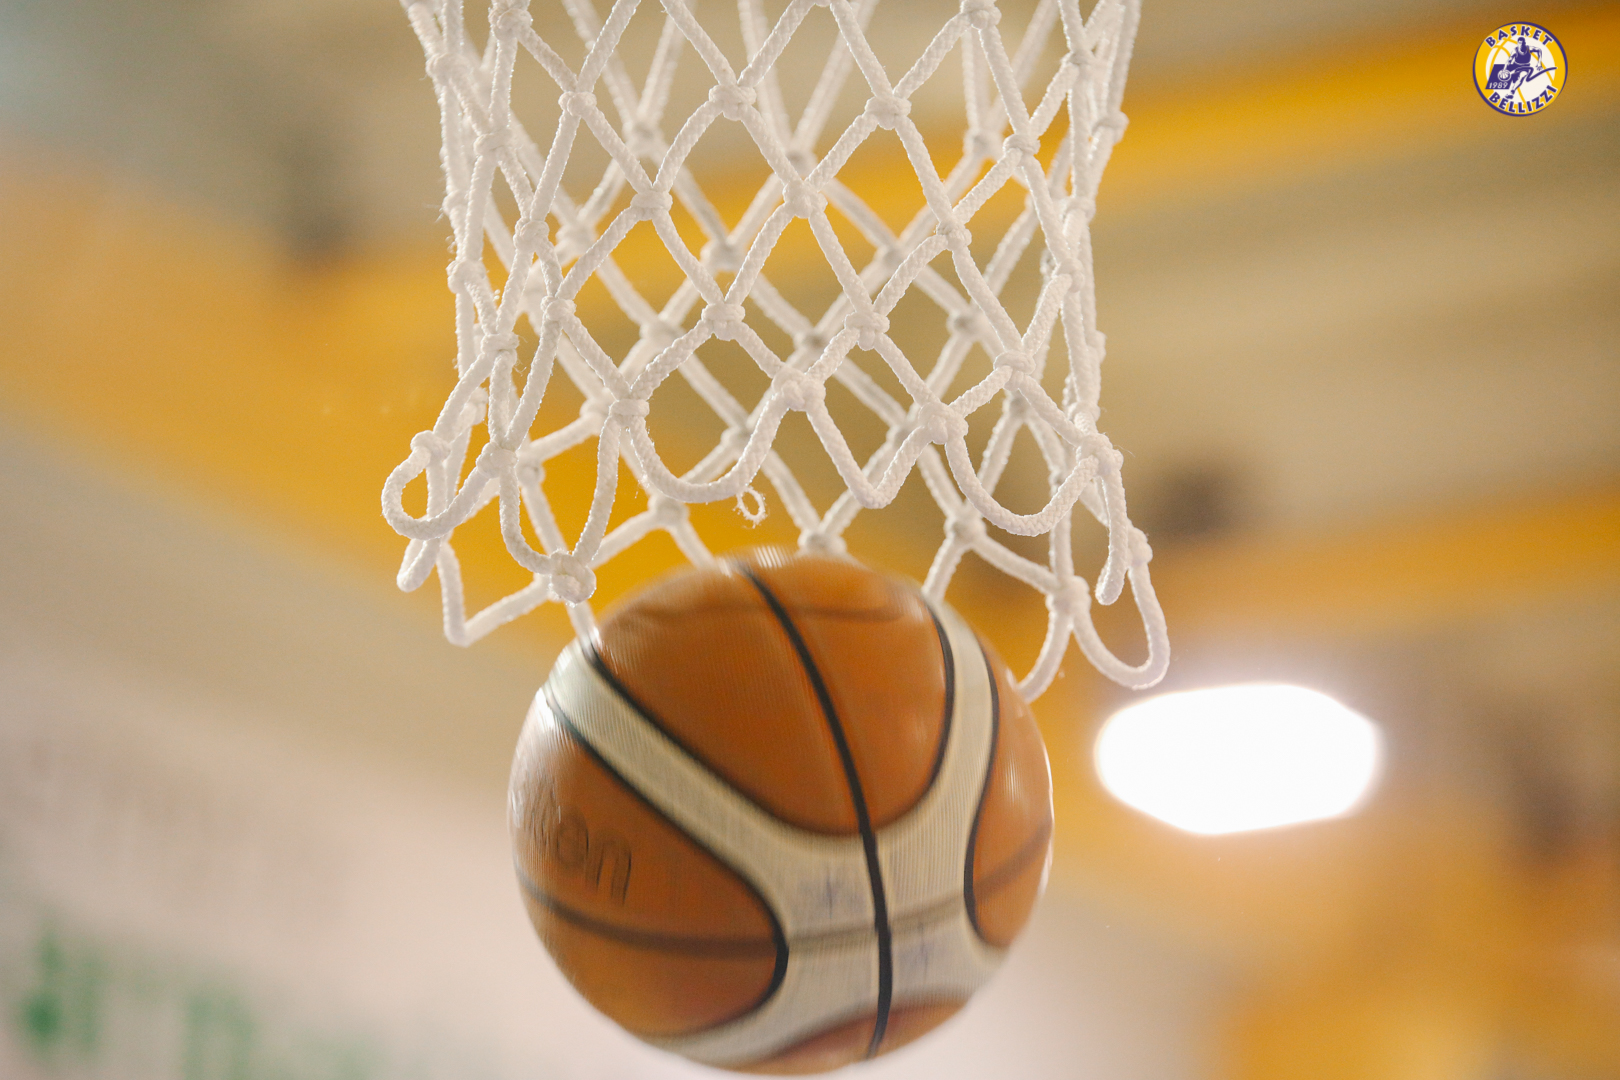 http://www.salernonotizie.net/wp-content/uploads/2018/03/basket-1.jpg